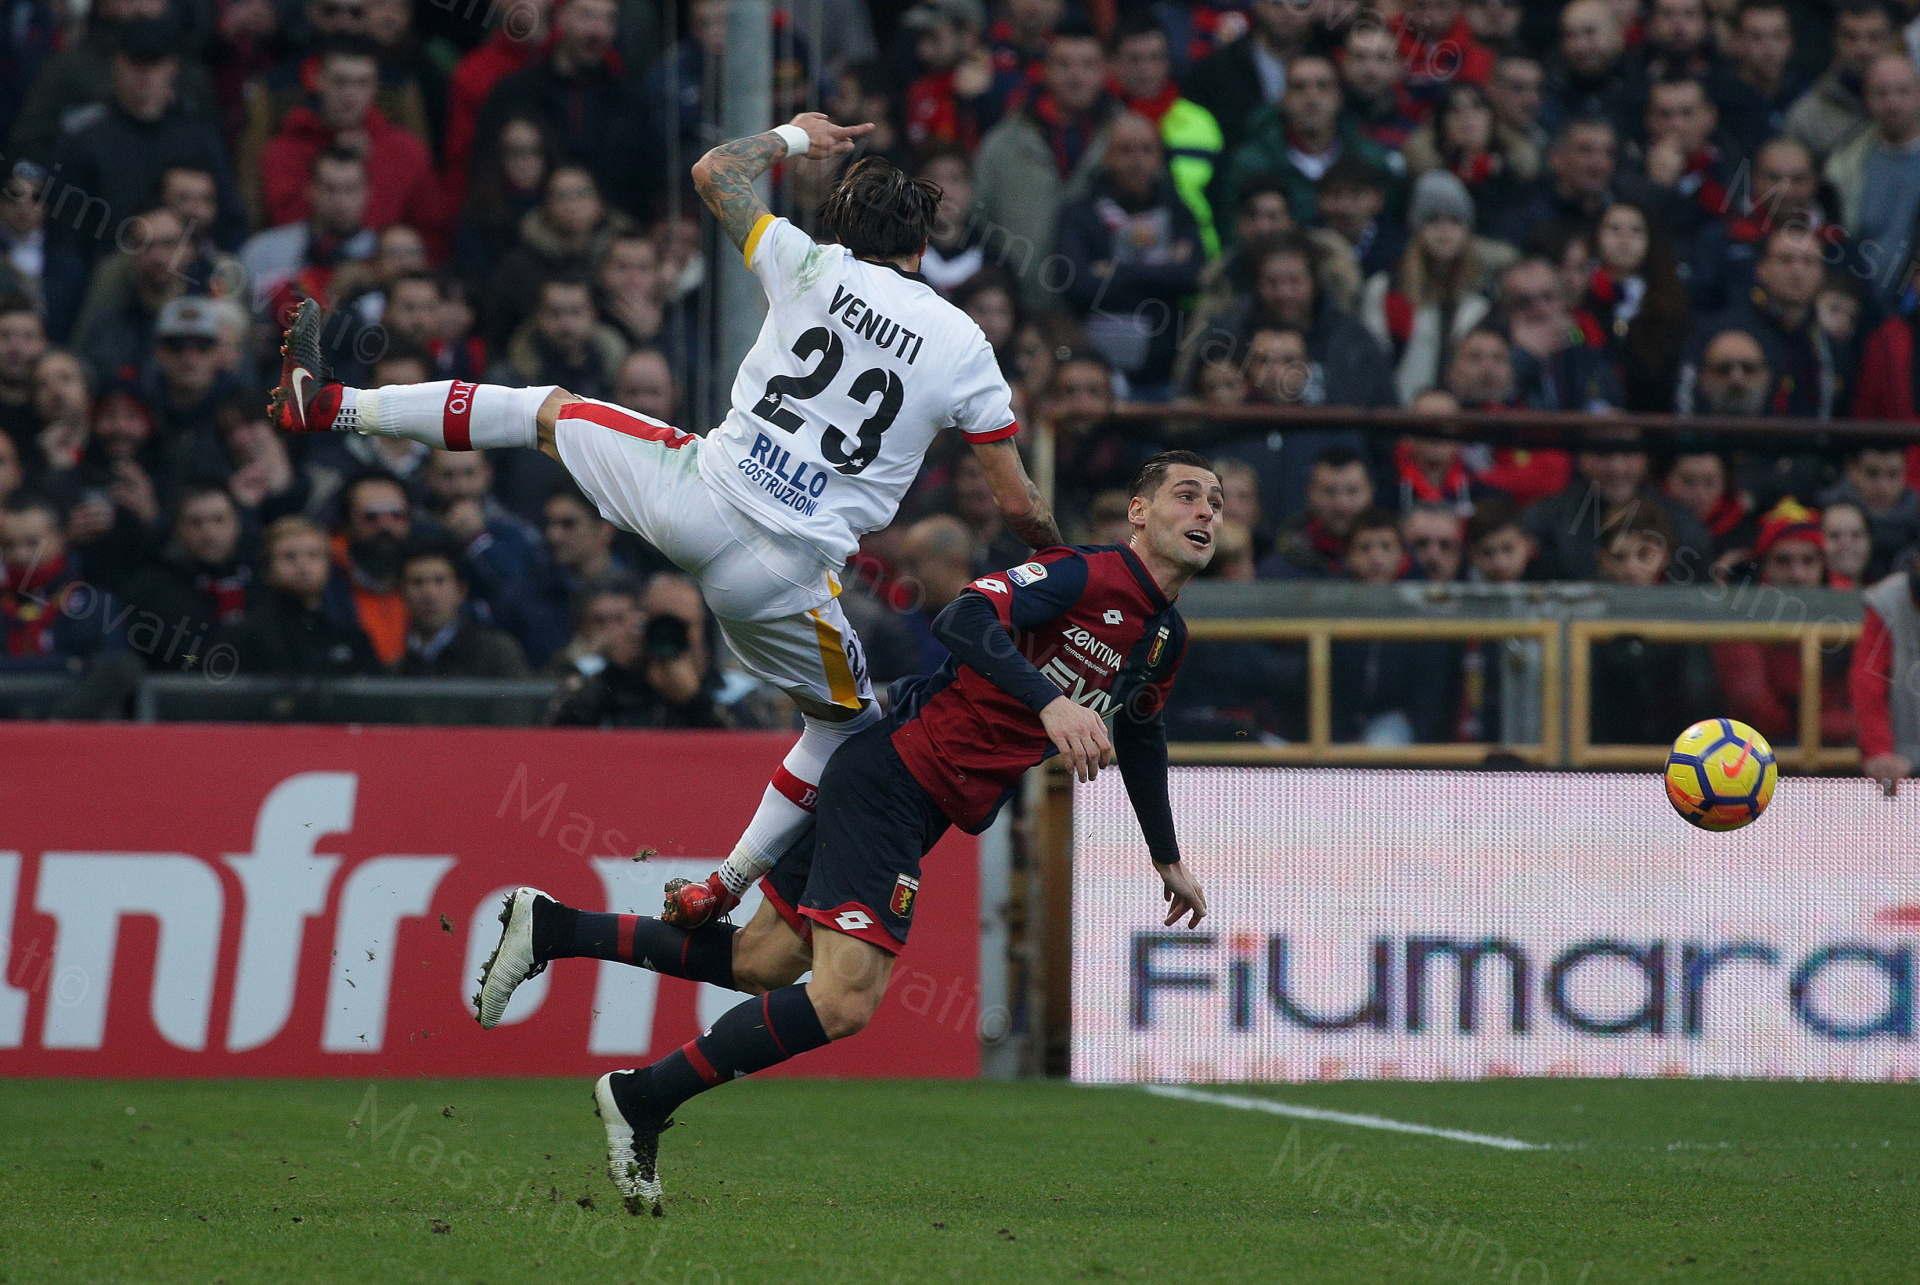 23/12/2017, Genova , Campionato di Calcio Serie A, Genoa- Benevento, nella foto Venuti crolla su Rosi